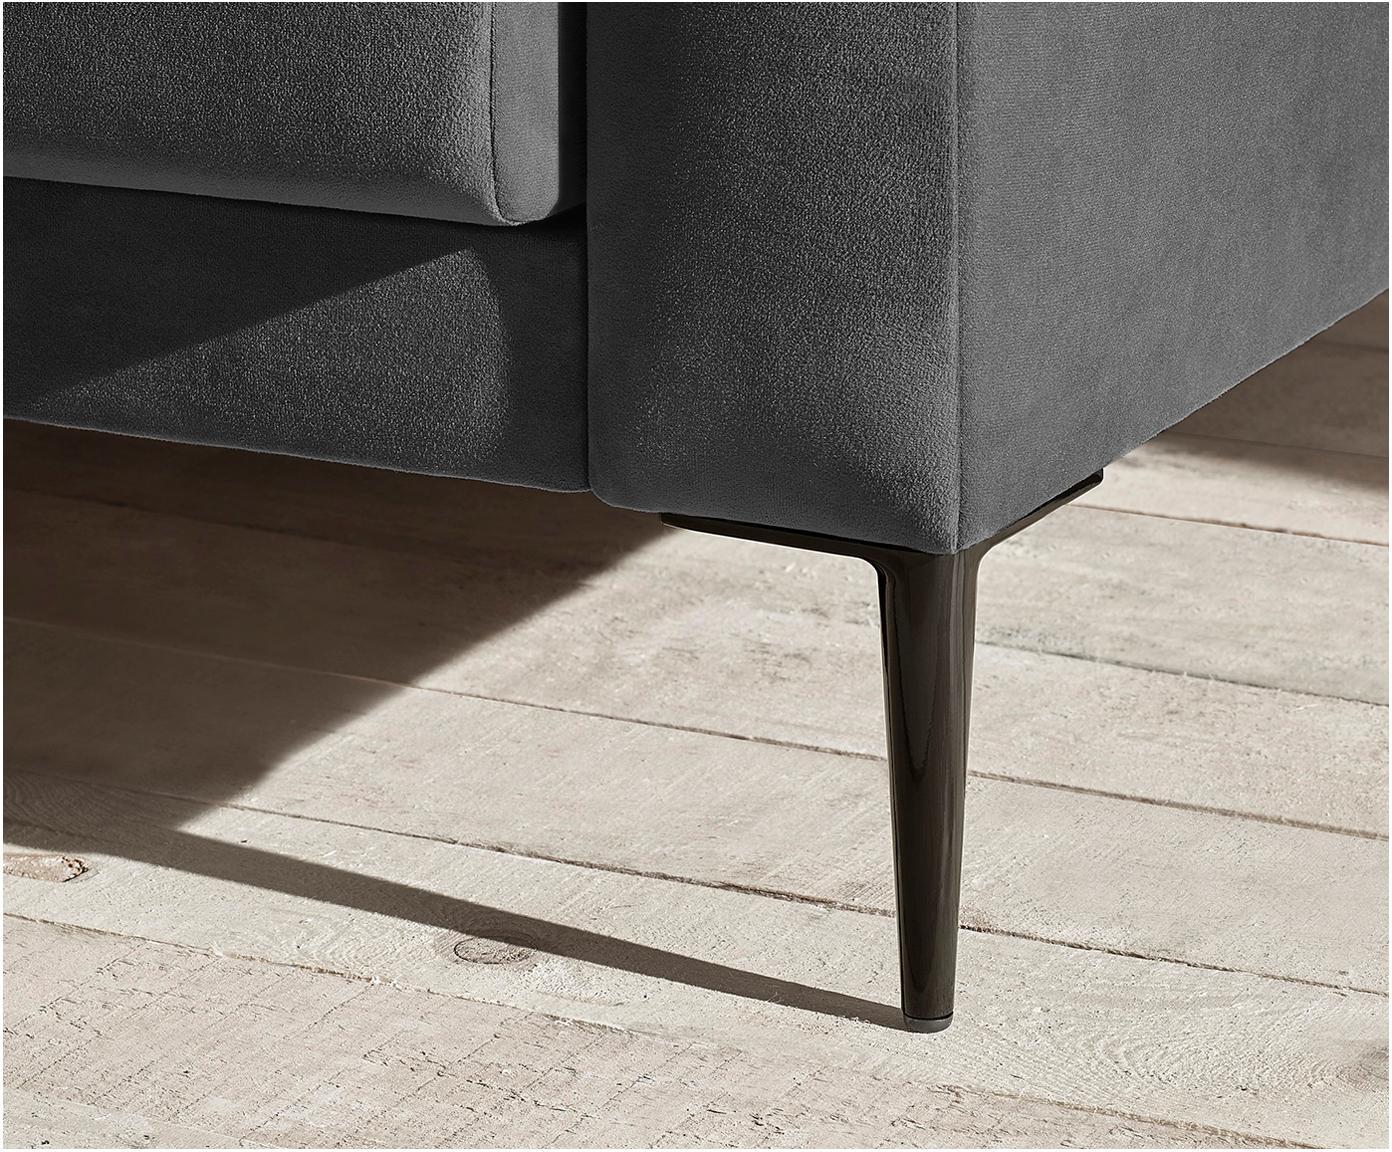 Sofa rozkładana z aksamitu Bergen (3-osobowa), Tapicerka: 100% aksamit poliestrowy, Nogi: metal lakierowany, Ciemny szary, S 222 x G 92 cm